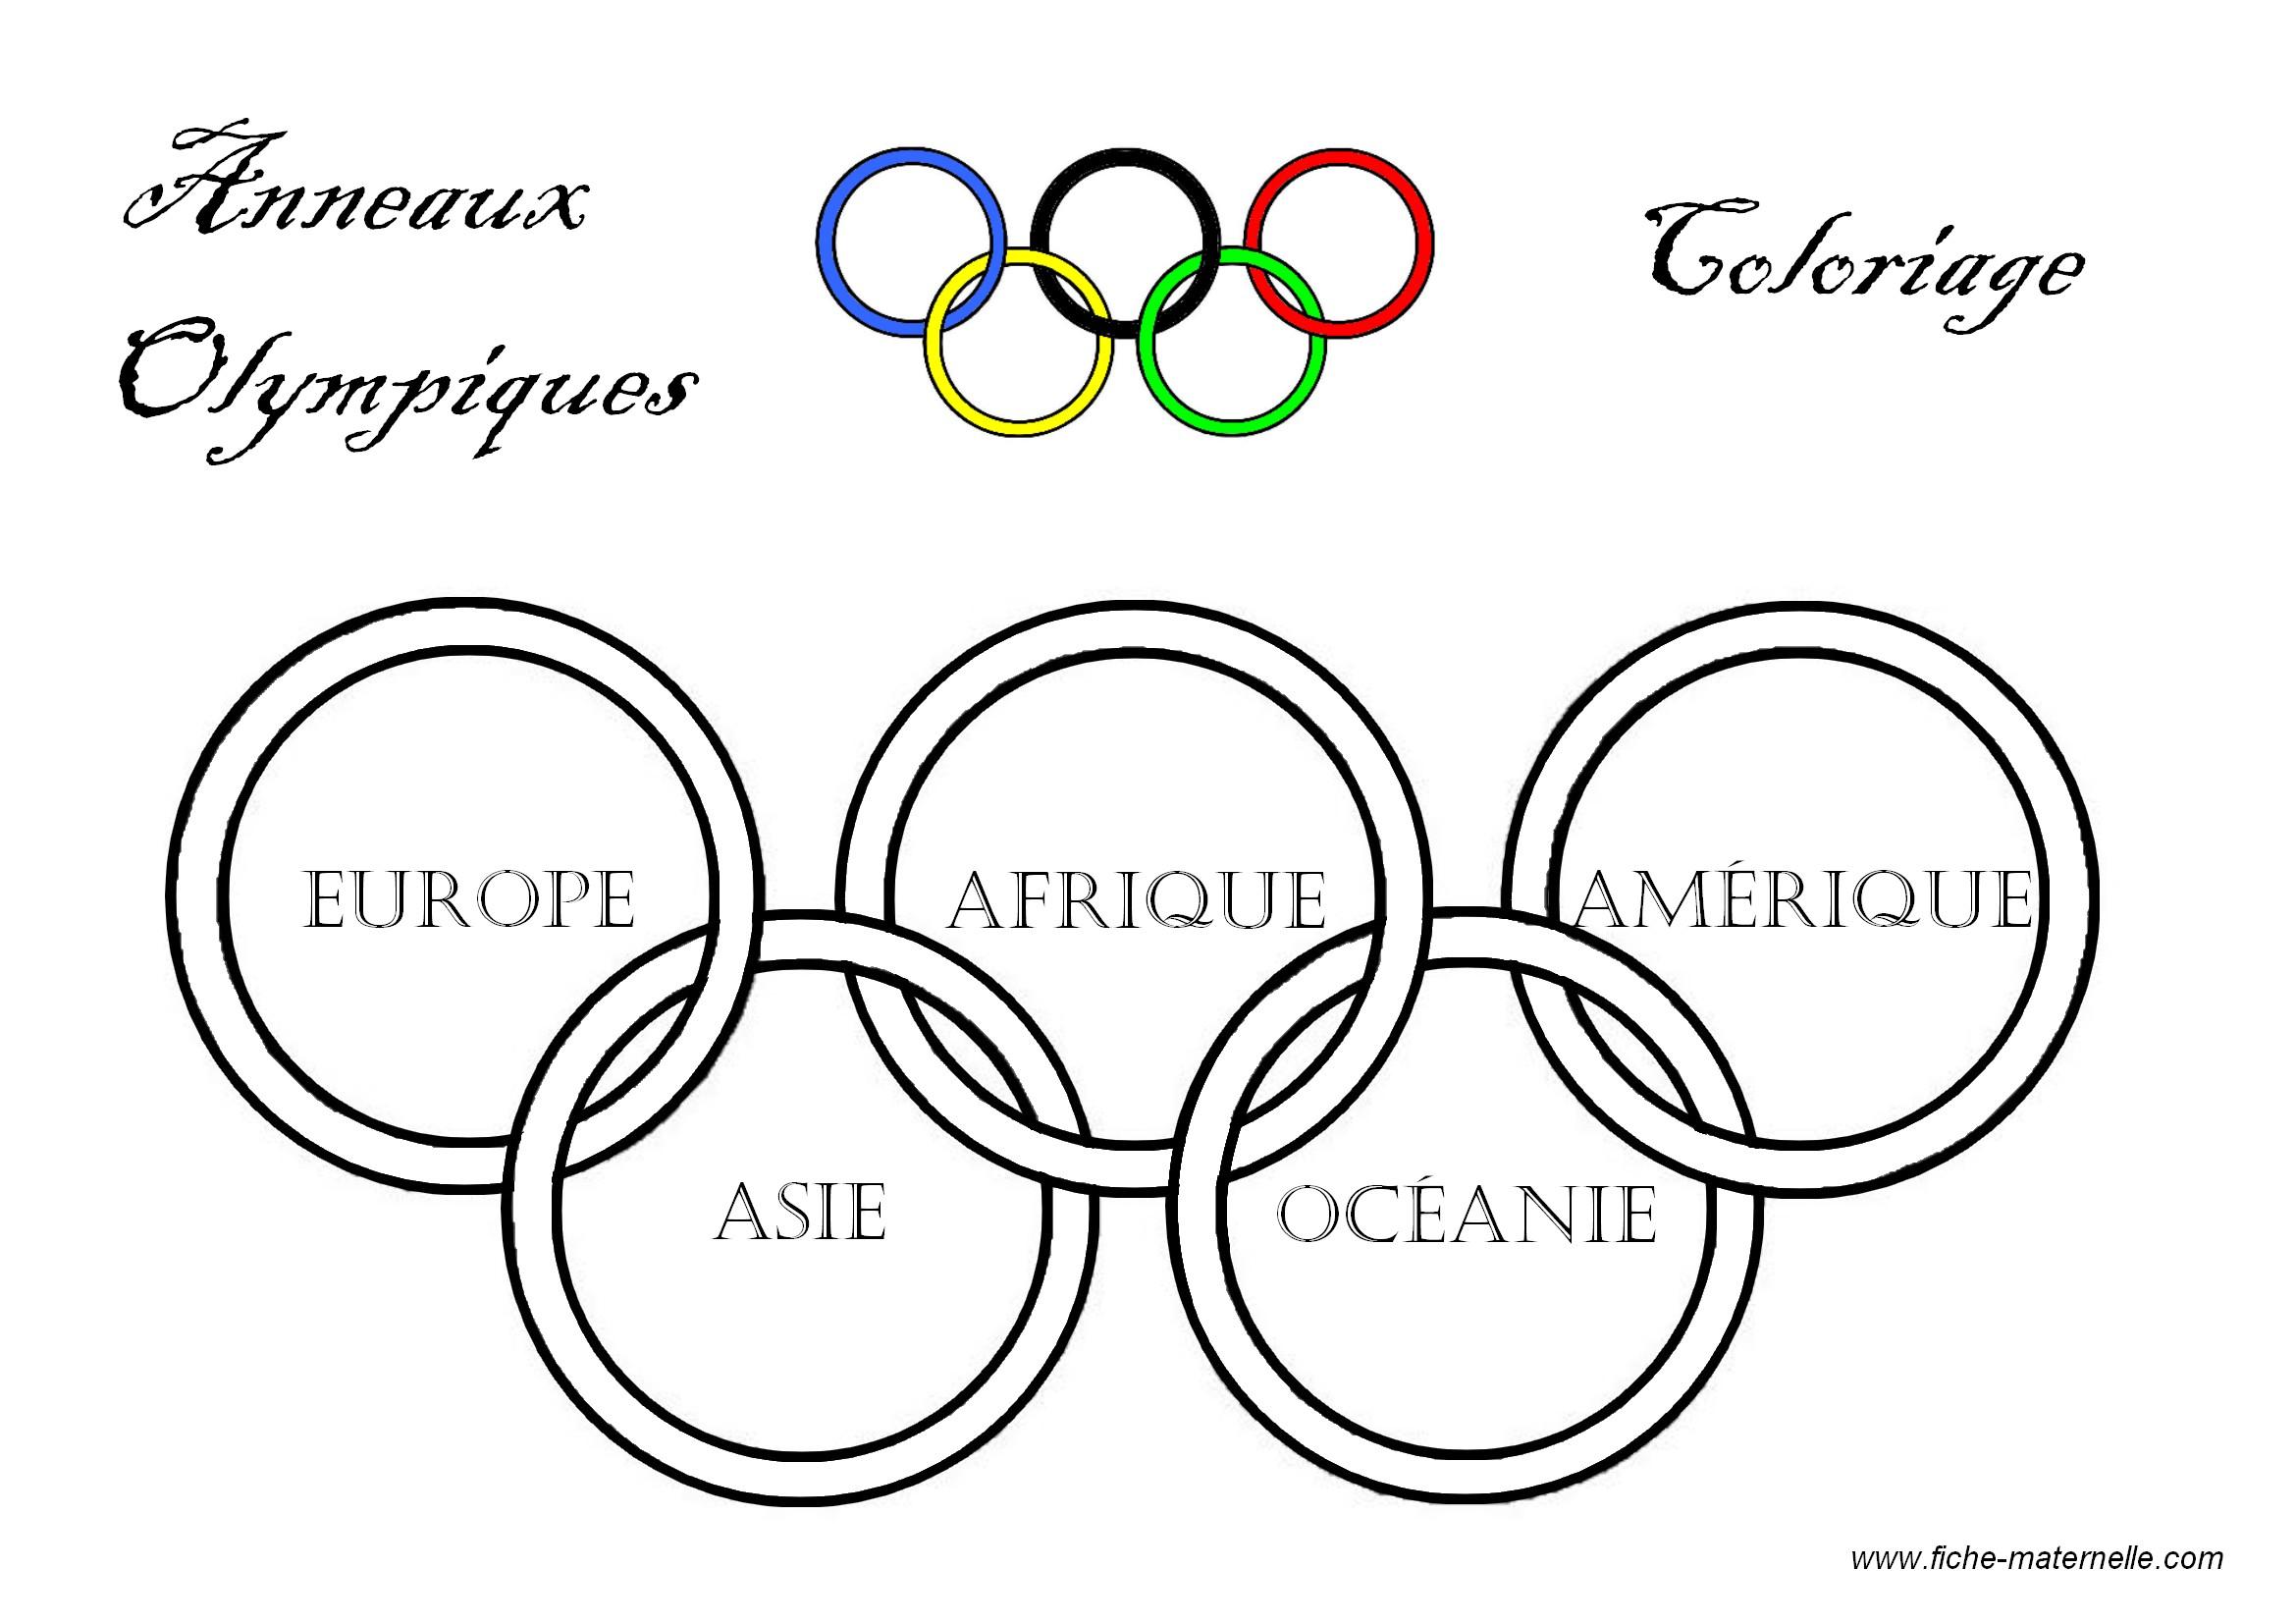 Coloriage educatif pour maternelle et l mentaire les anneaux olympiques - Anneau des jeux olympique ...